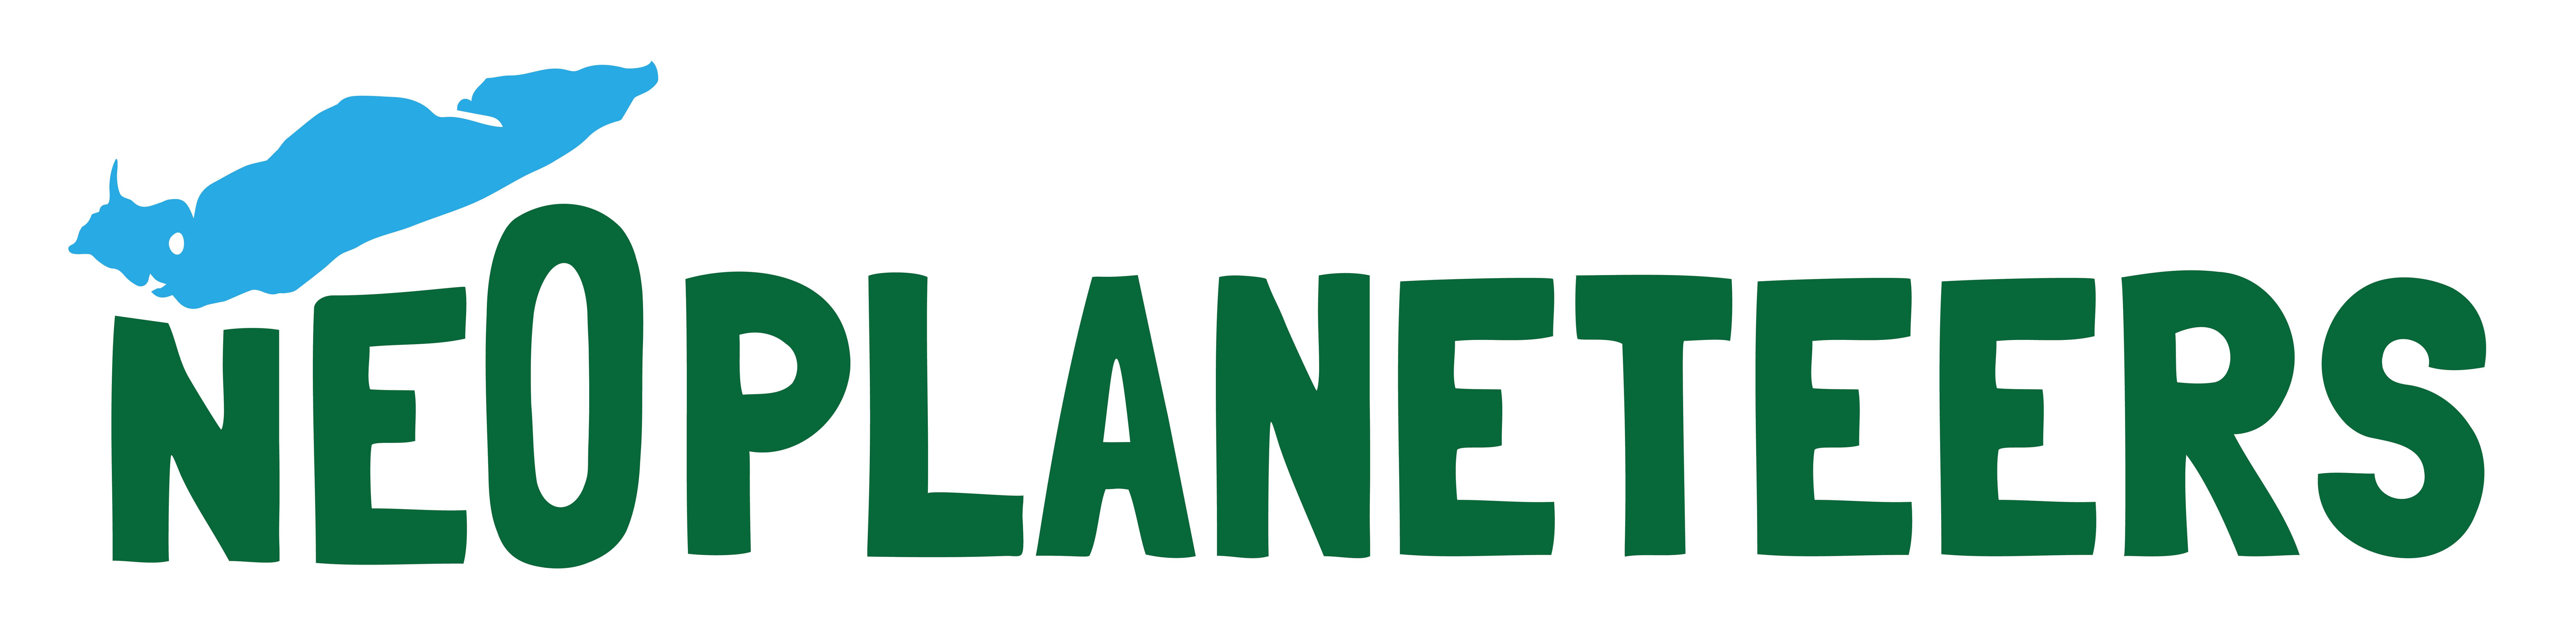 NEOplaneteers Northeast Ohio NEOplaneteer Network NEO Ne-O